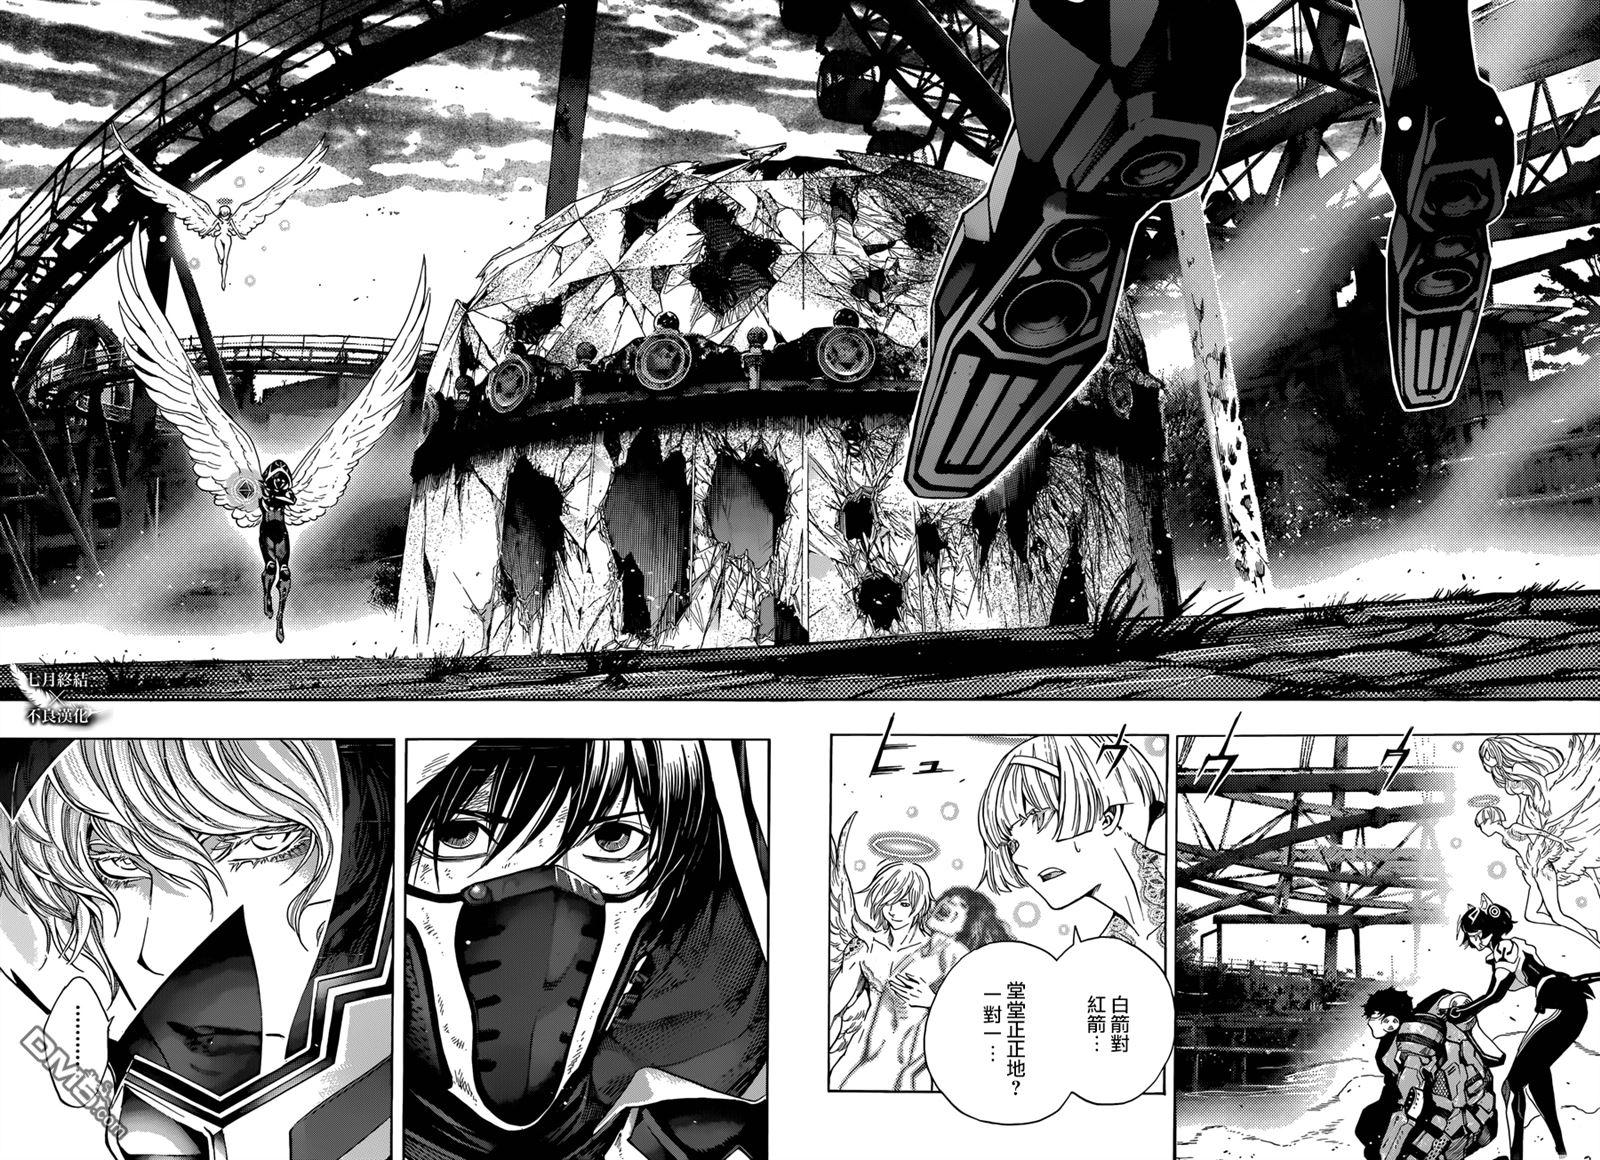 Platinum End漫畫鉑金終局第22話:永恆之美(第5頁)劇情-二次元動漫